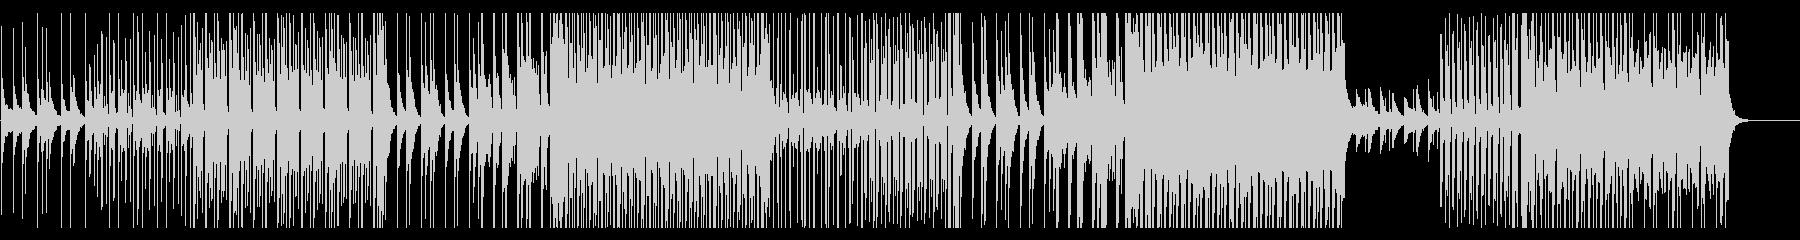 疾走感のある楽曲/トロピカルハウスの未再生の波形